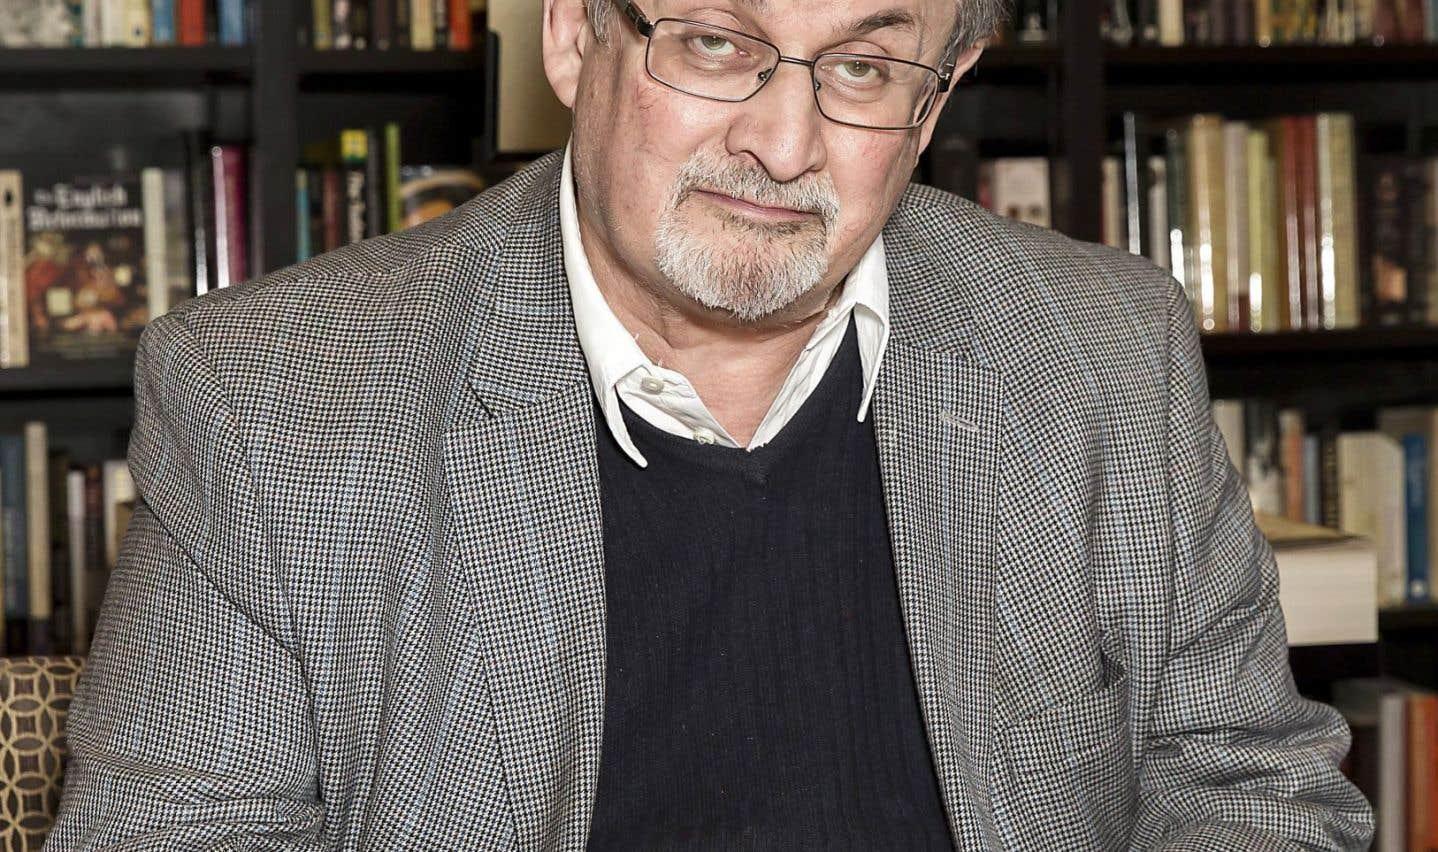 L'aveuglement de l'Occident face au djihadisme inquiète Salman Rushdie